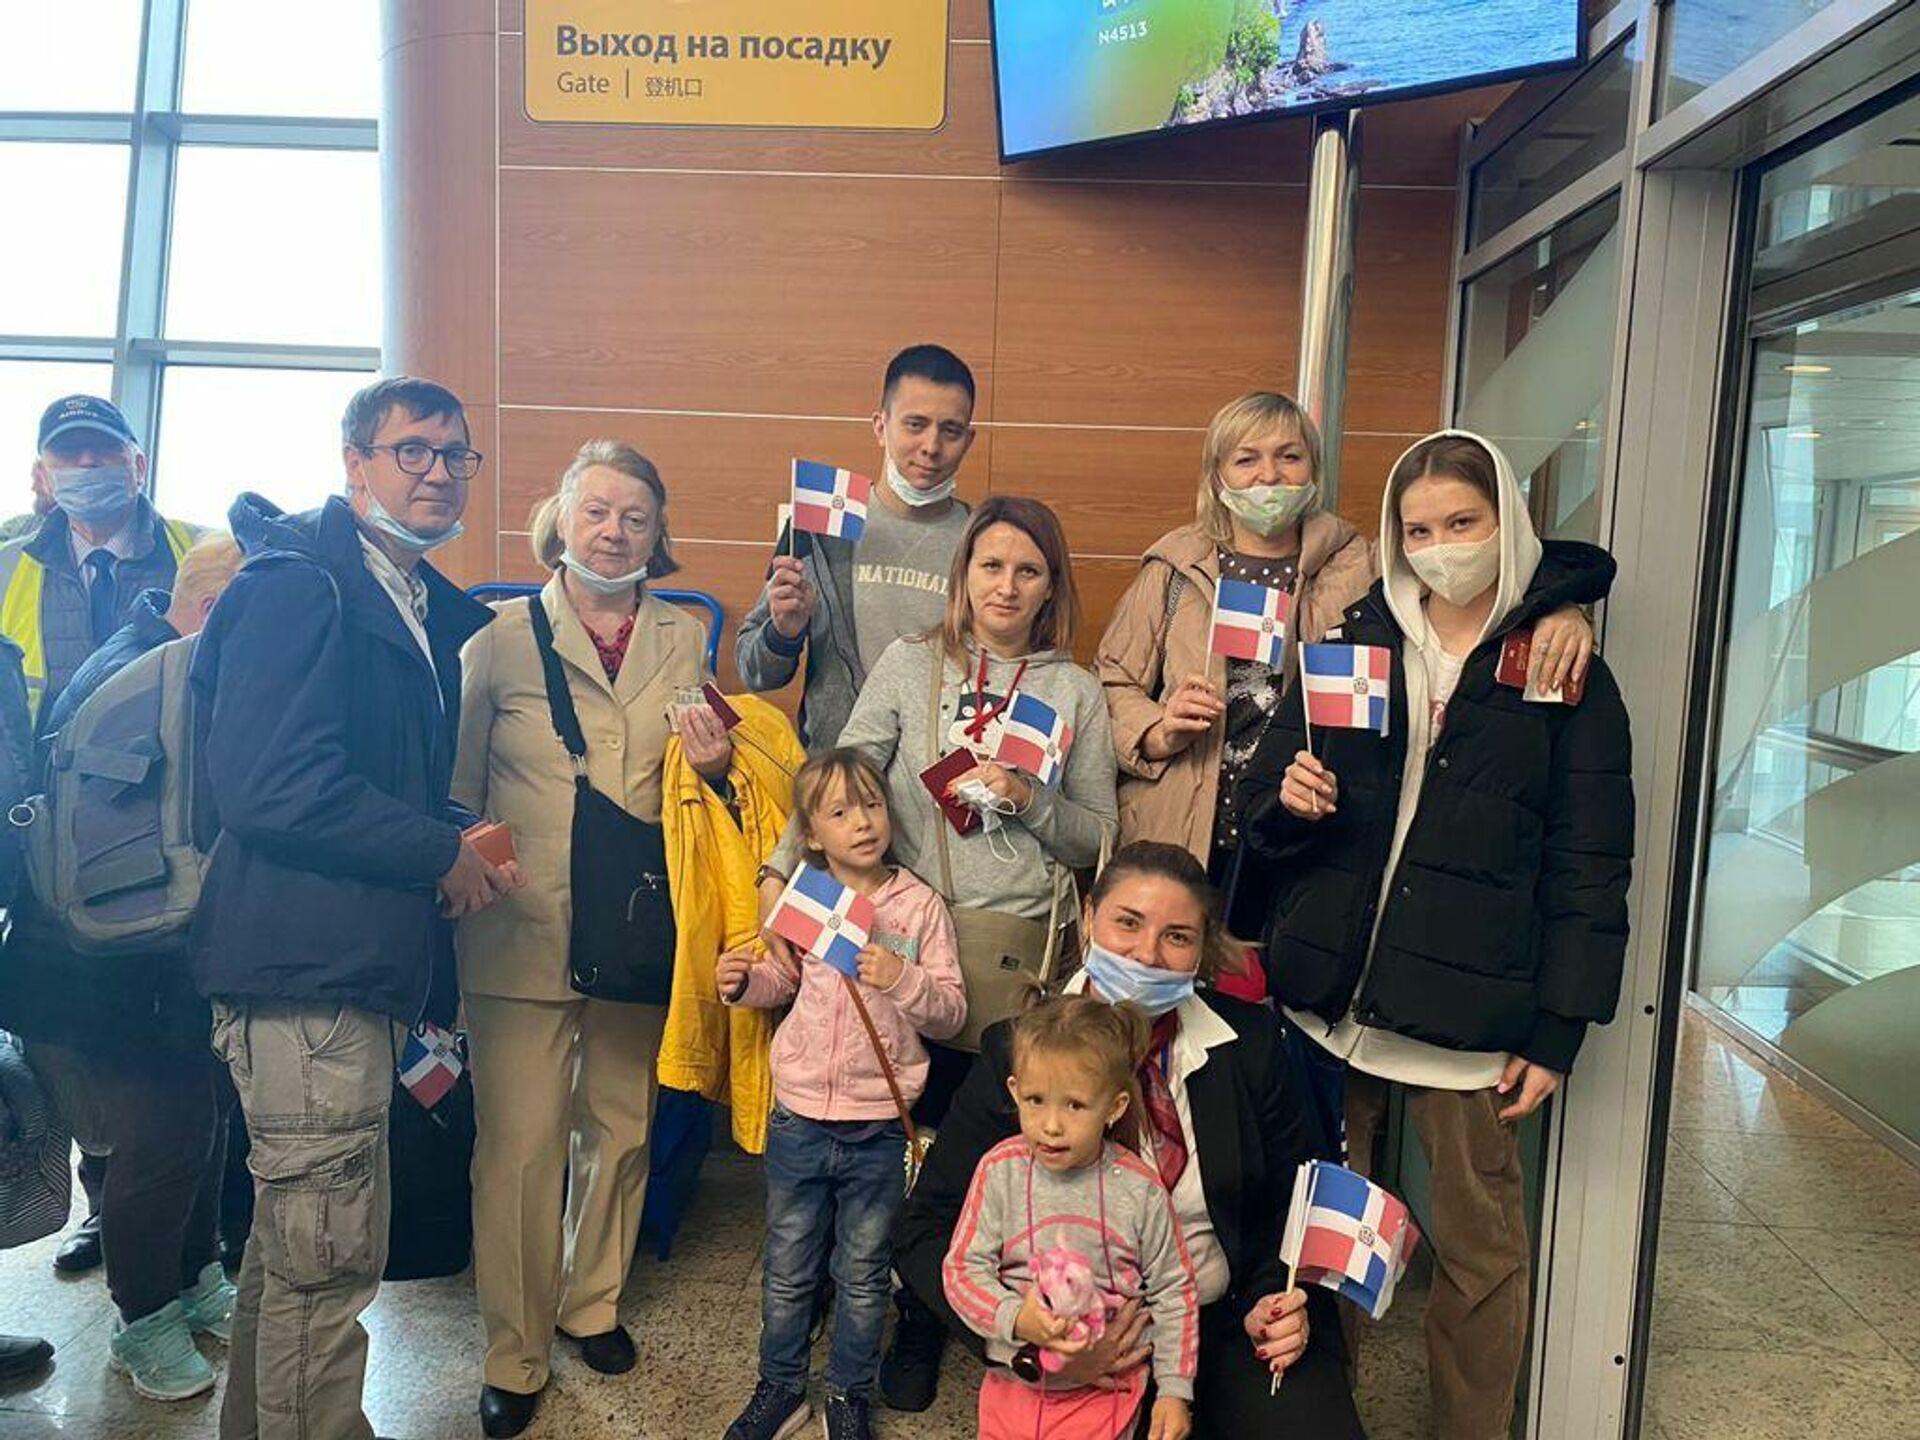 Turistas con banderas de República Dominicana en el aeropuerto de Sheremétievo de Moscú - Sputnik Mundo, 1920, 23.09.2021